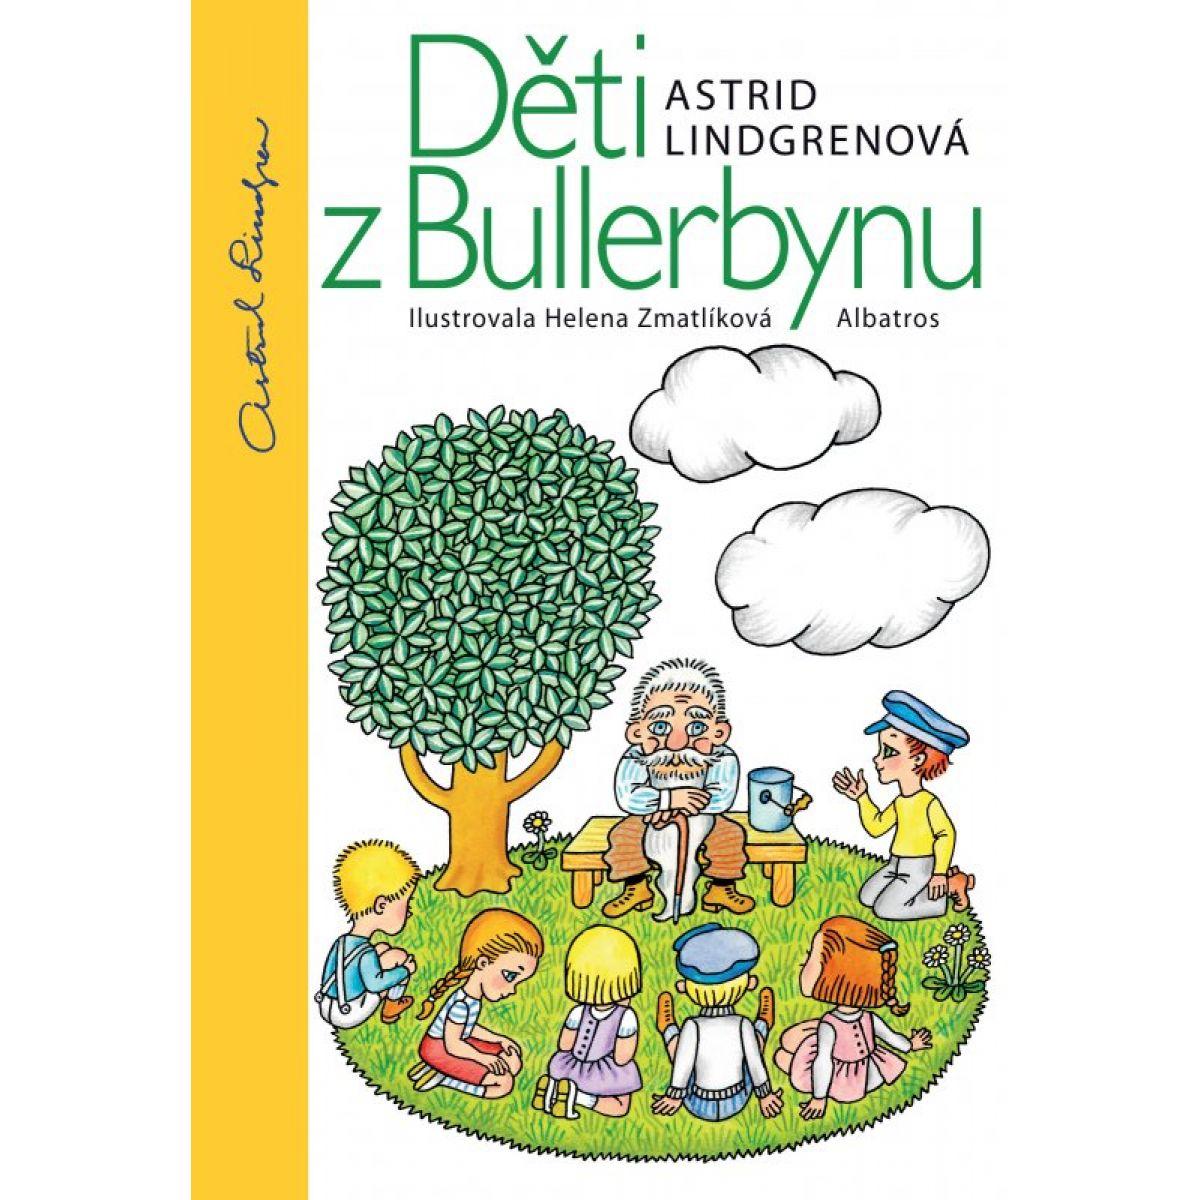 Děti z Bullerbynu - 15. vyd. - Astrid Lindgrenová, Helena Zmatlíková